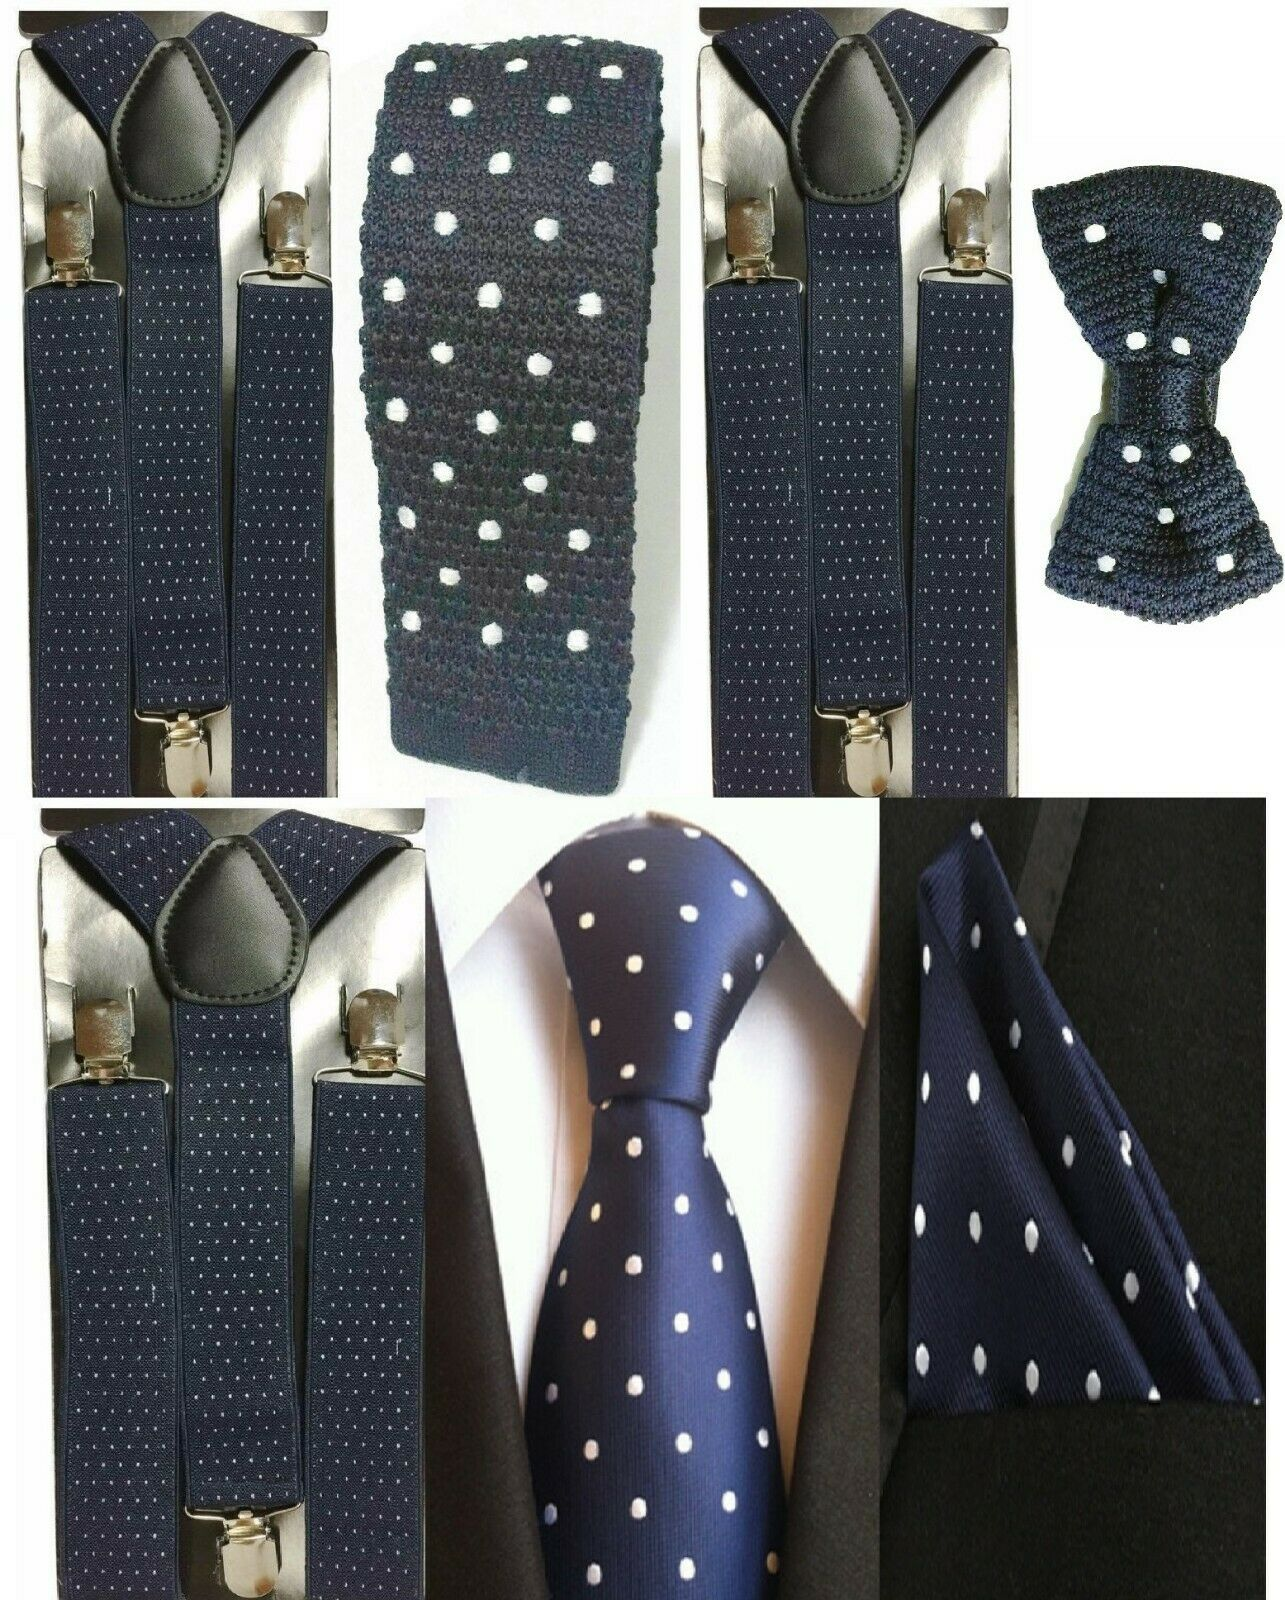 Men's Polka Navy Dot Braces Suspender + Bowtie / Pocket Square / Tie Knit Satin